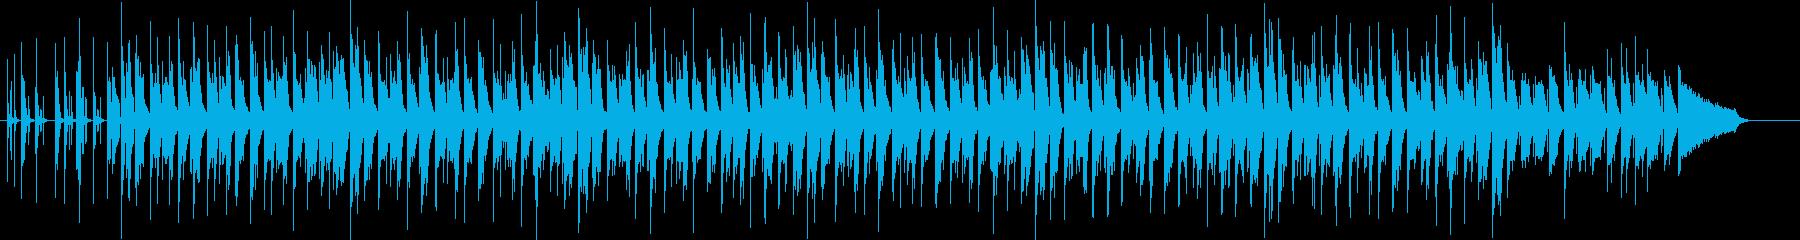 ほのぼのしたヒップホップの再生済みの波形